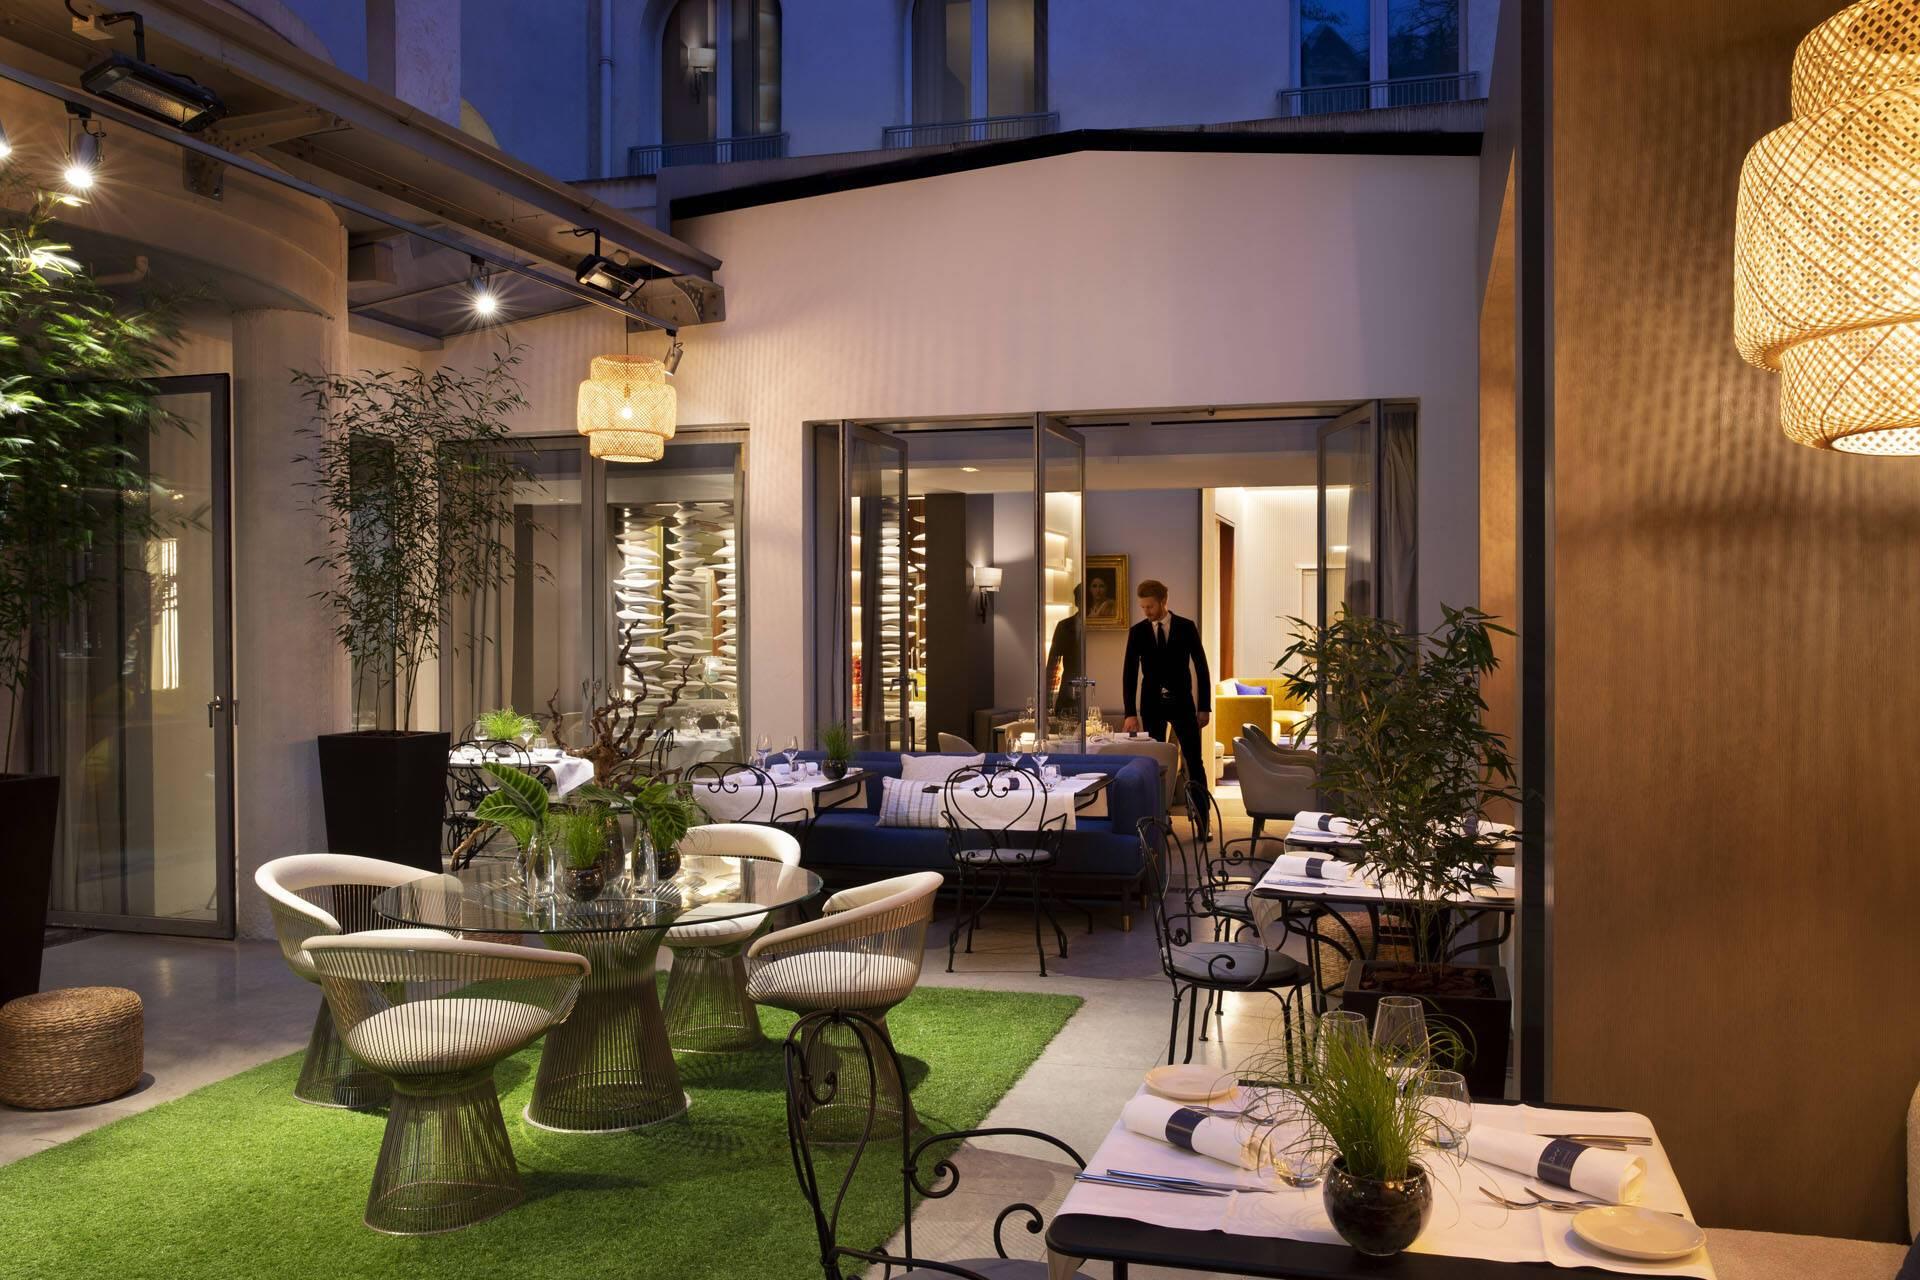 Hotel Sers Paris Restaurant Patio